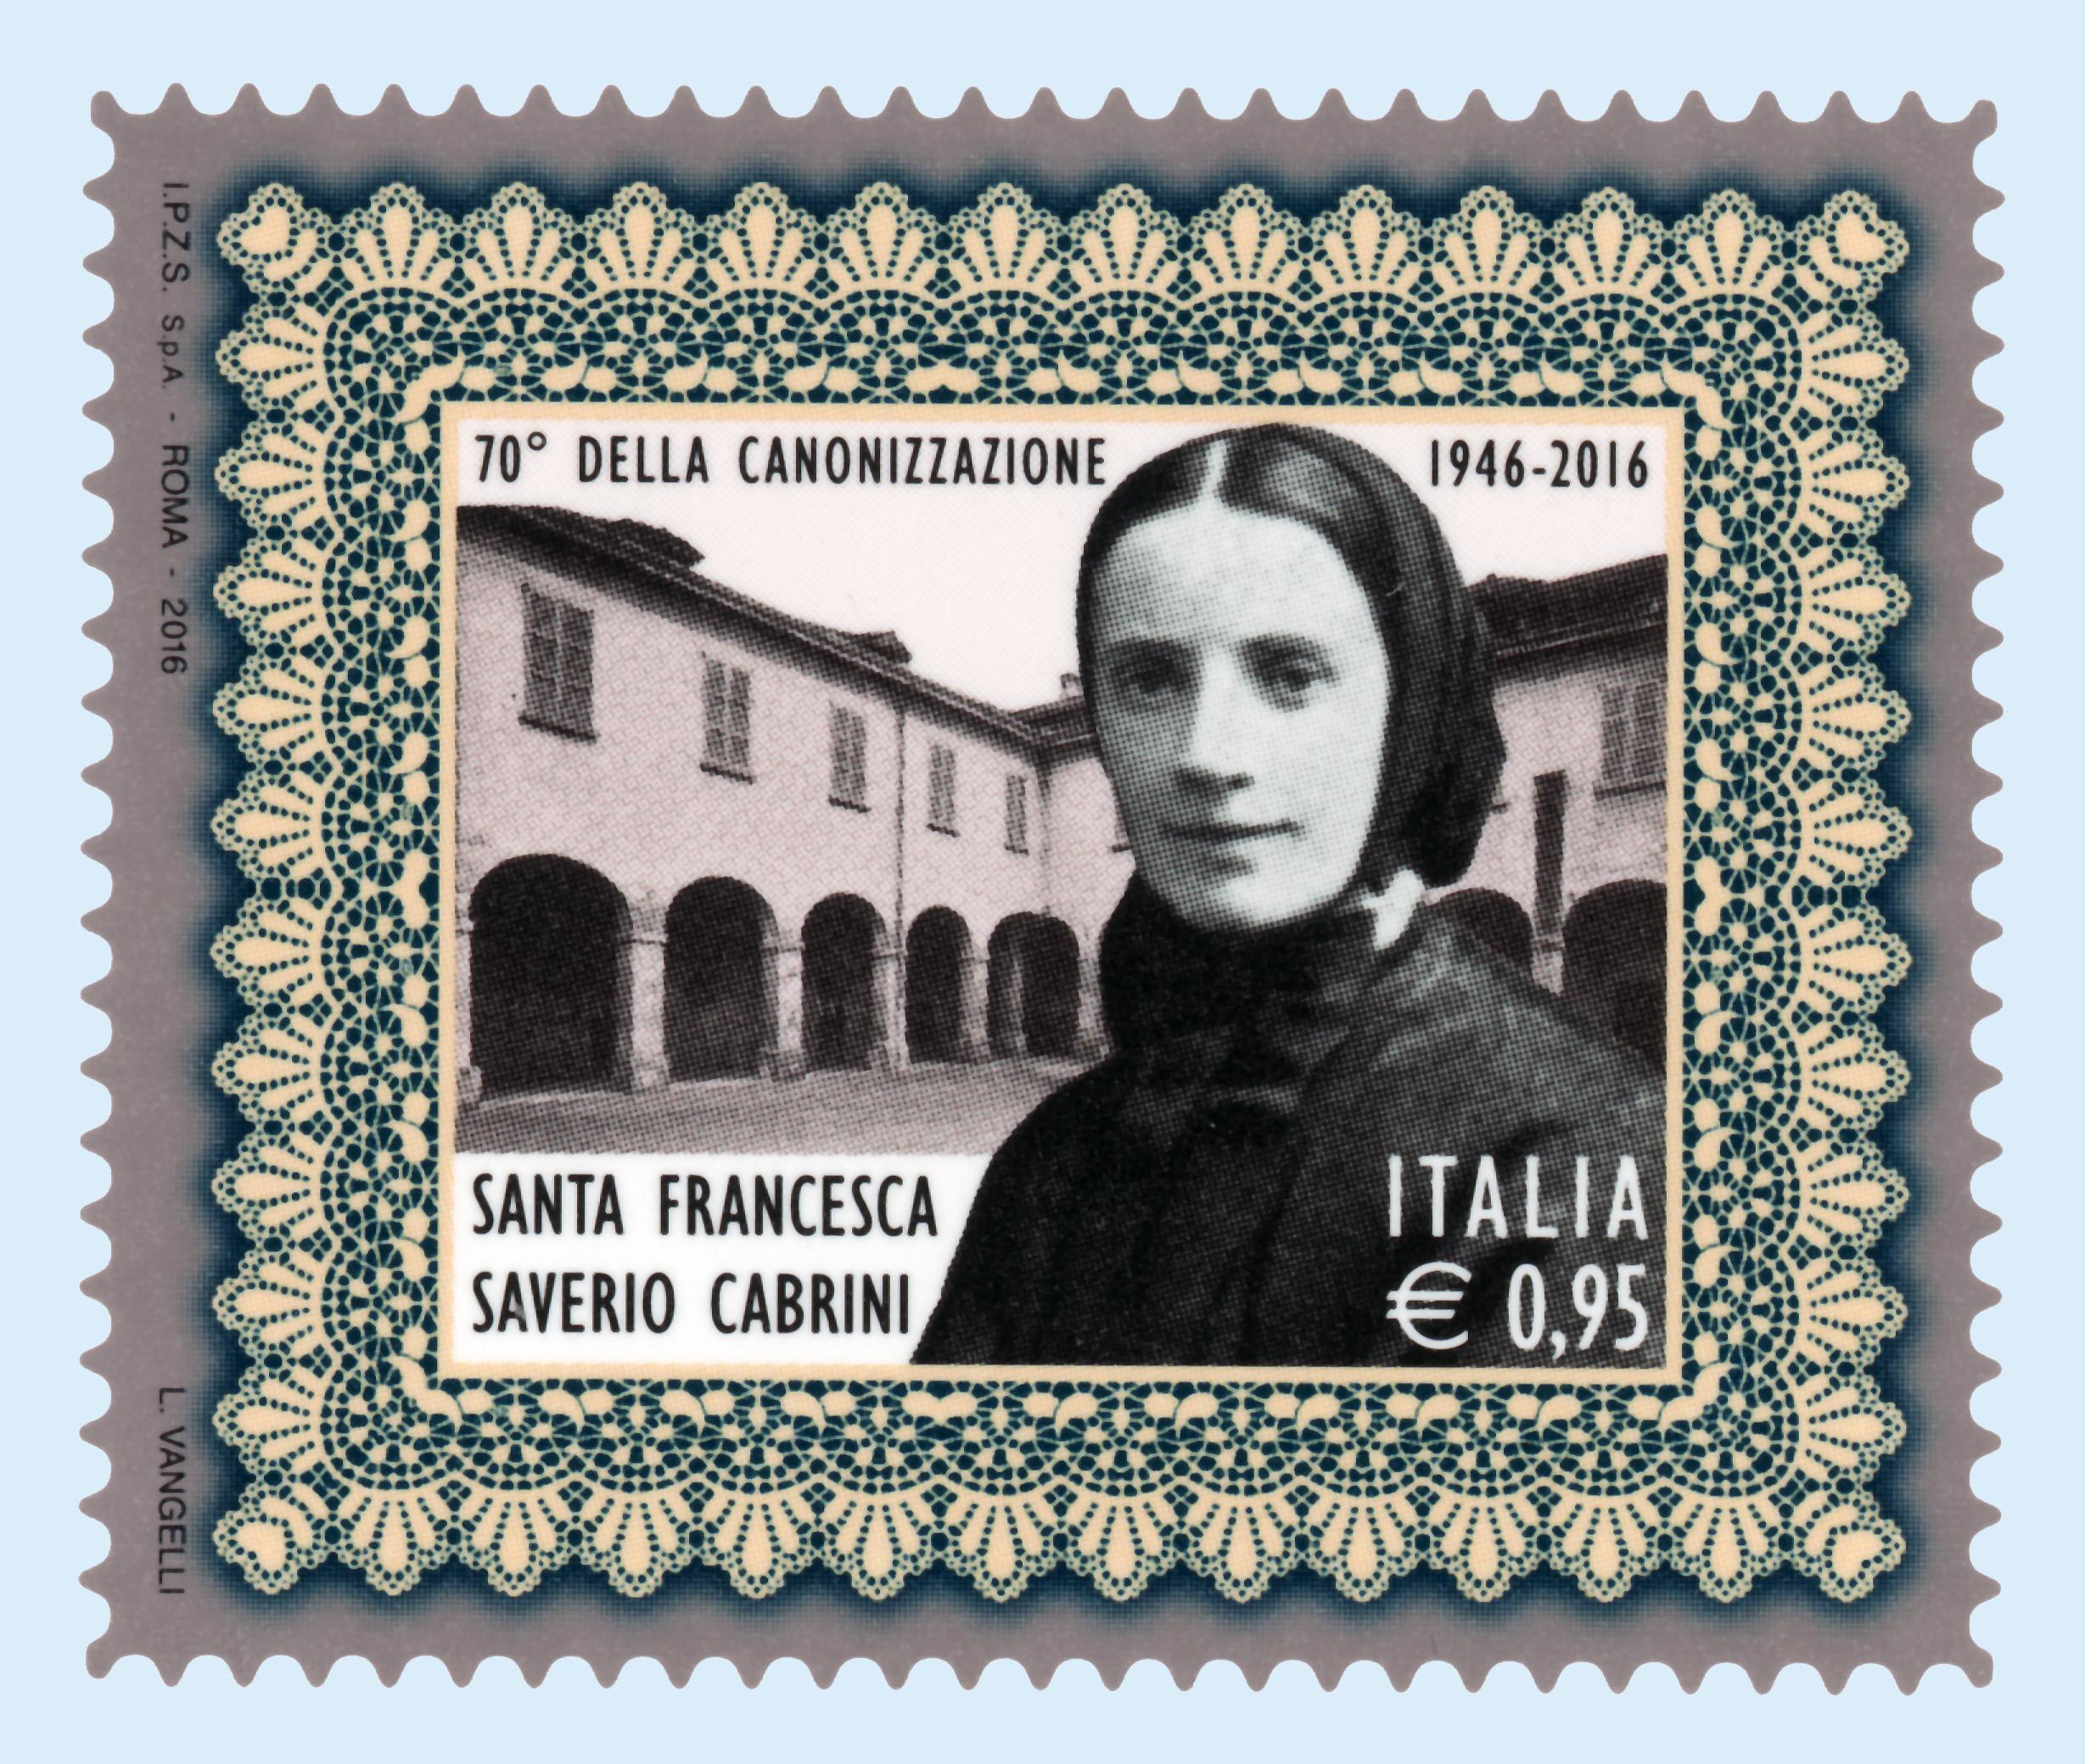 ROMA – Il Ministero dello Sviluppo Economico emette oggi 7 luglio 2016 un francobollo commemorativo di Santa Francesca Saverio Cabrini nel 70° anniversario della canonizzazione. Il francobollo è stampato dall'Istituto […]